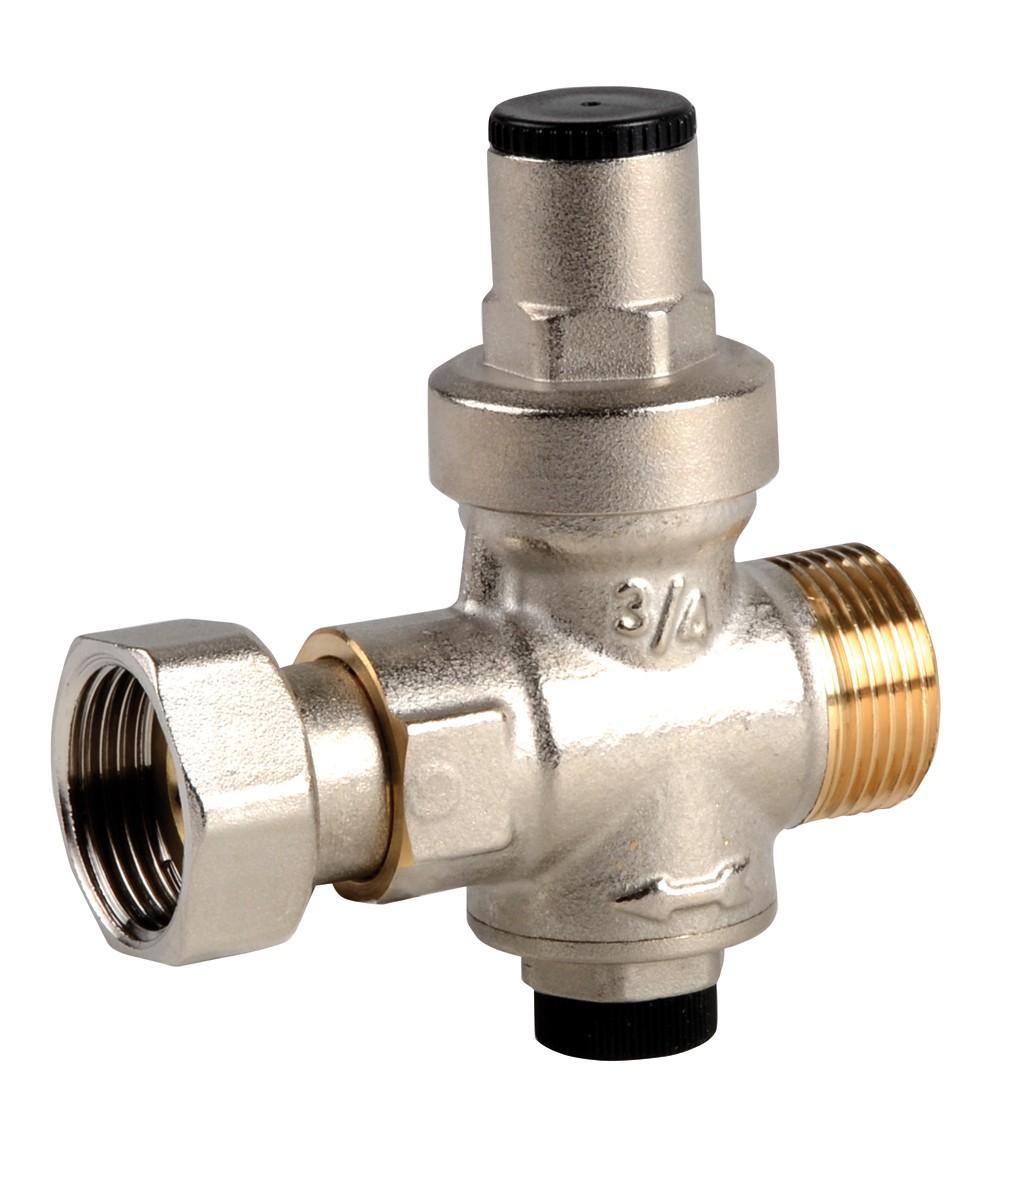 Comment regler un reducteur de pression d 39 eau - Quelle pression d eau pour une maison ...